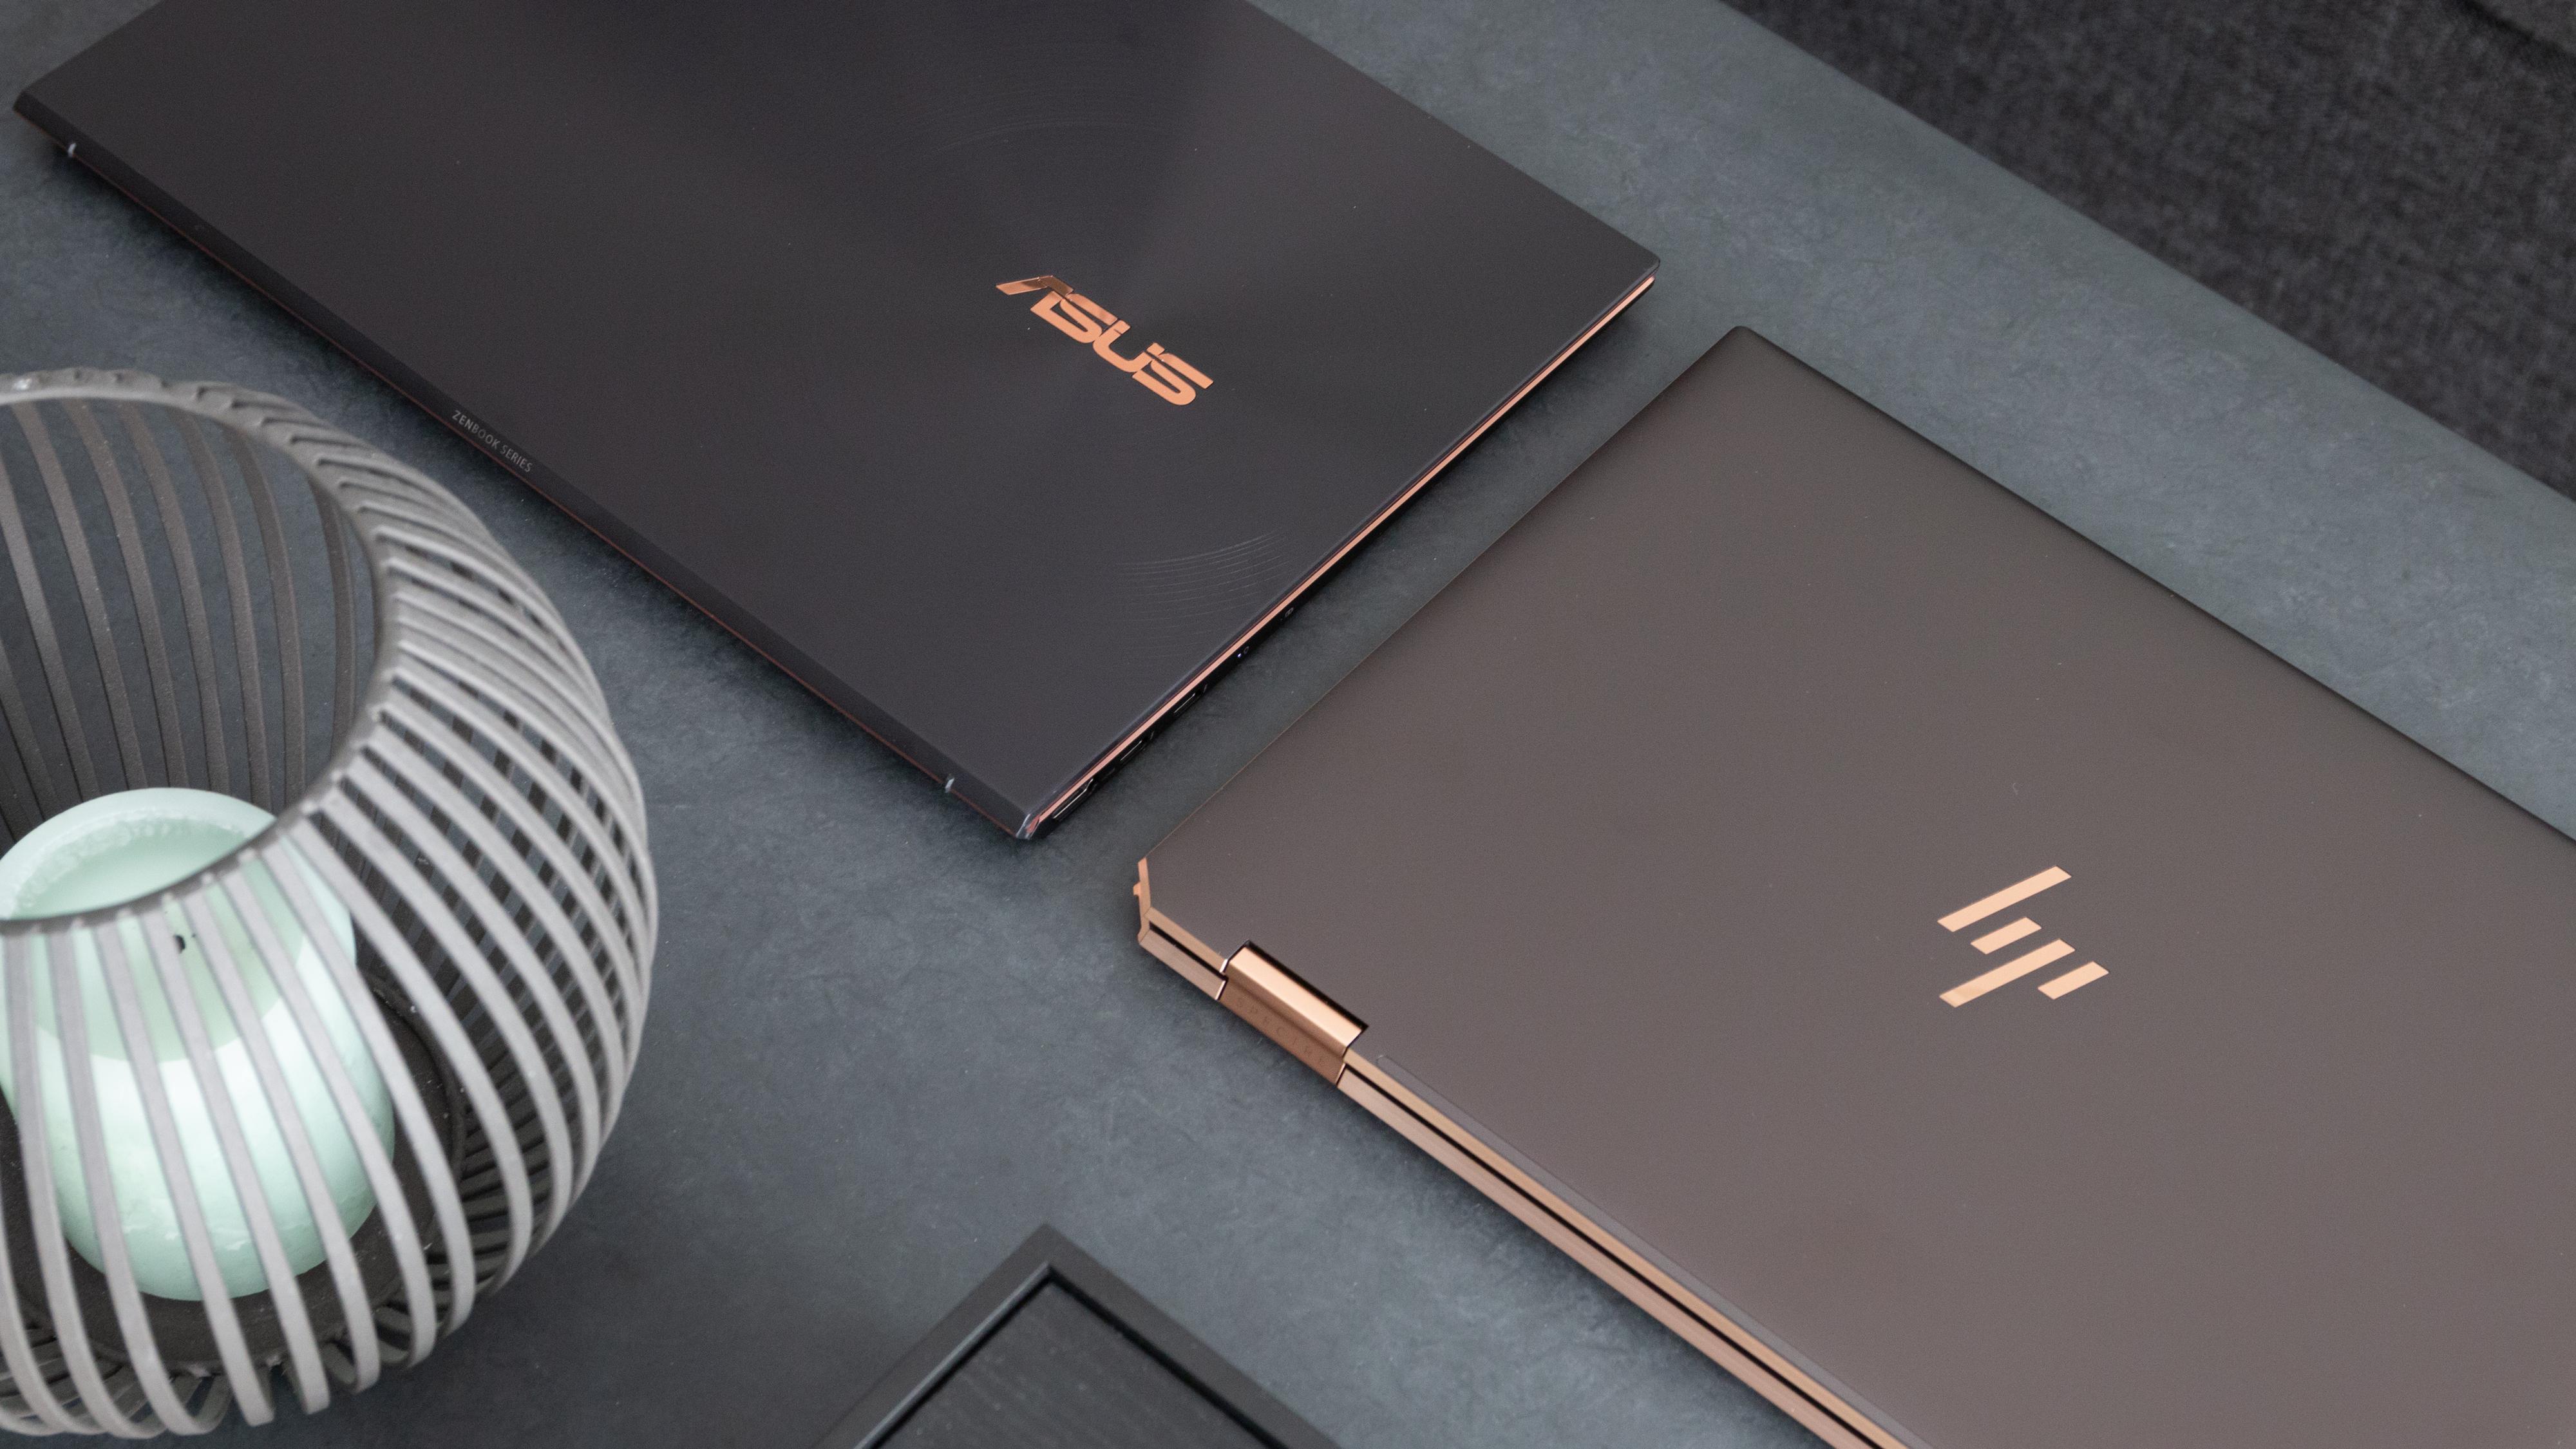 Både Asus ZenBook og HPs Spectre x360 er eksempler på bærbare med høy byggekvalitet. Disse er bygget i aluminium, men også plast kan være et solid materiale.